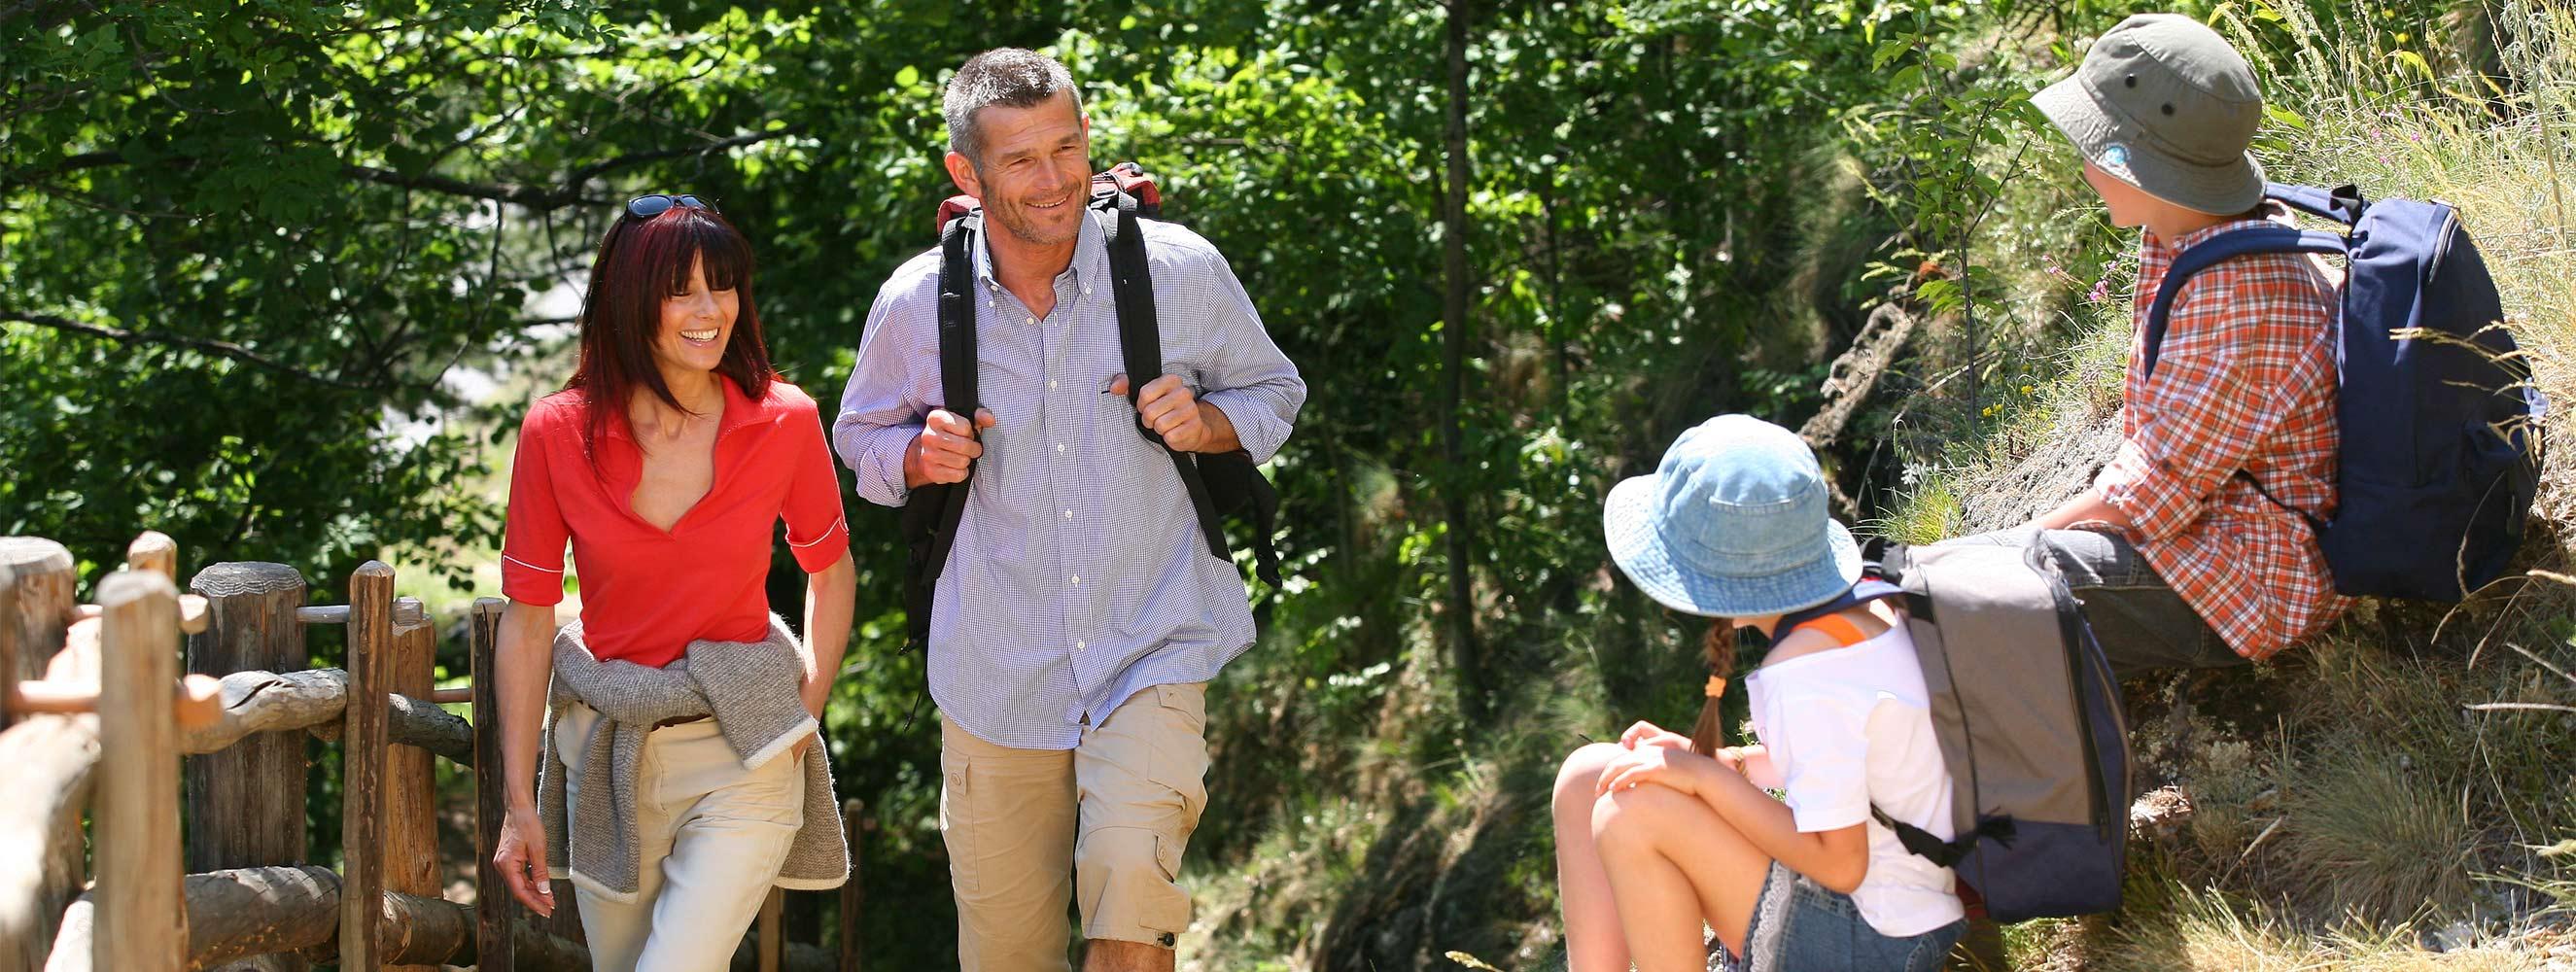 Escursione - Acquavventura - Escursionismo e ciclismo